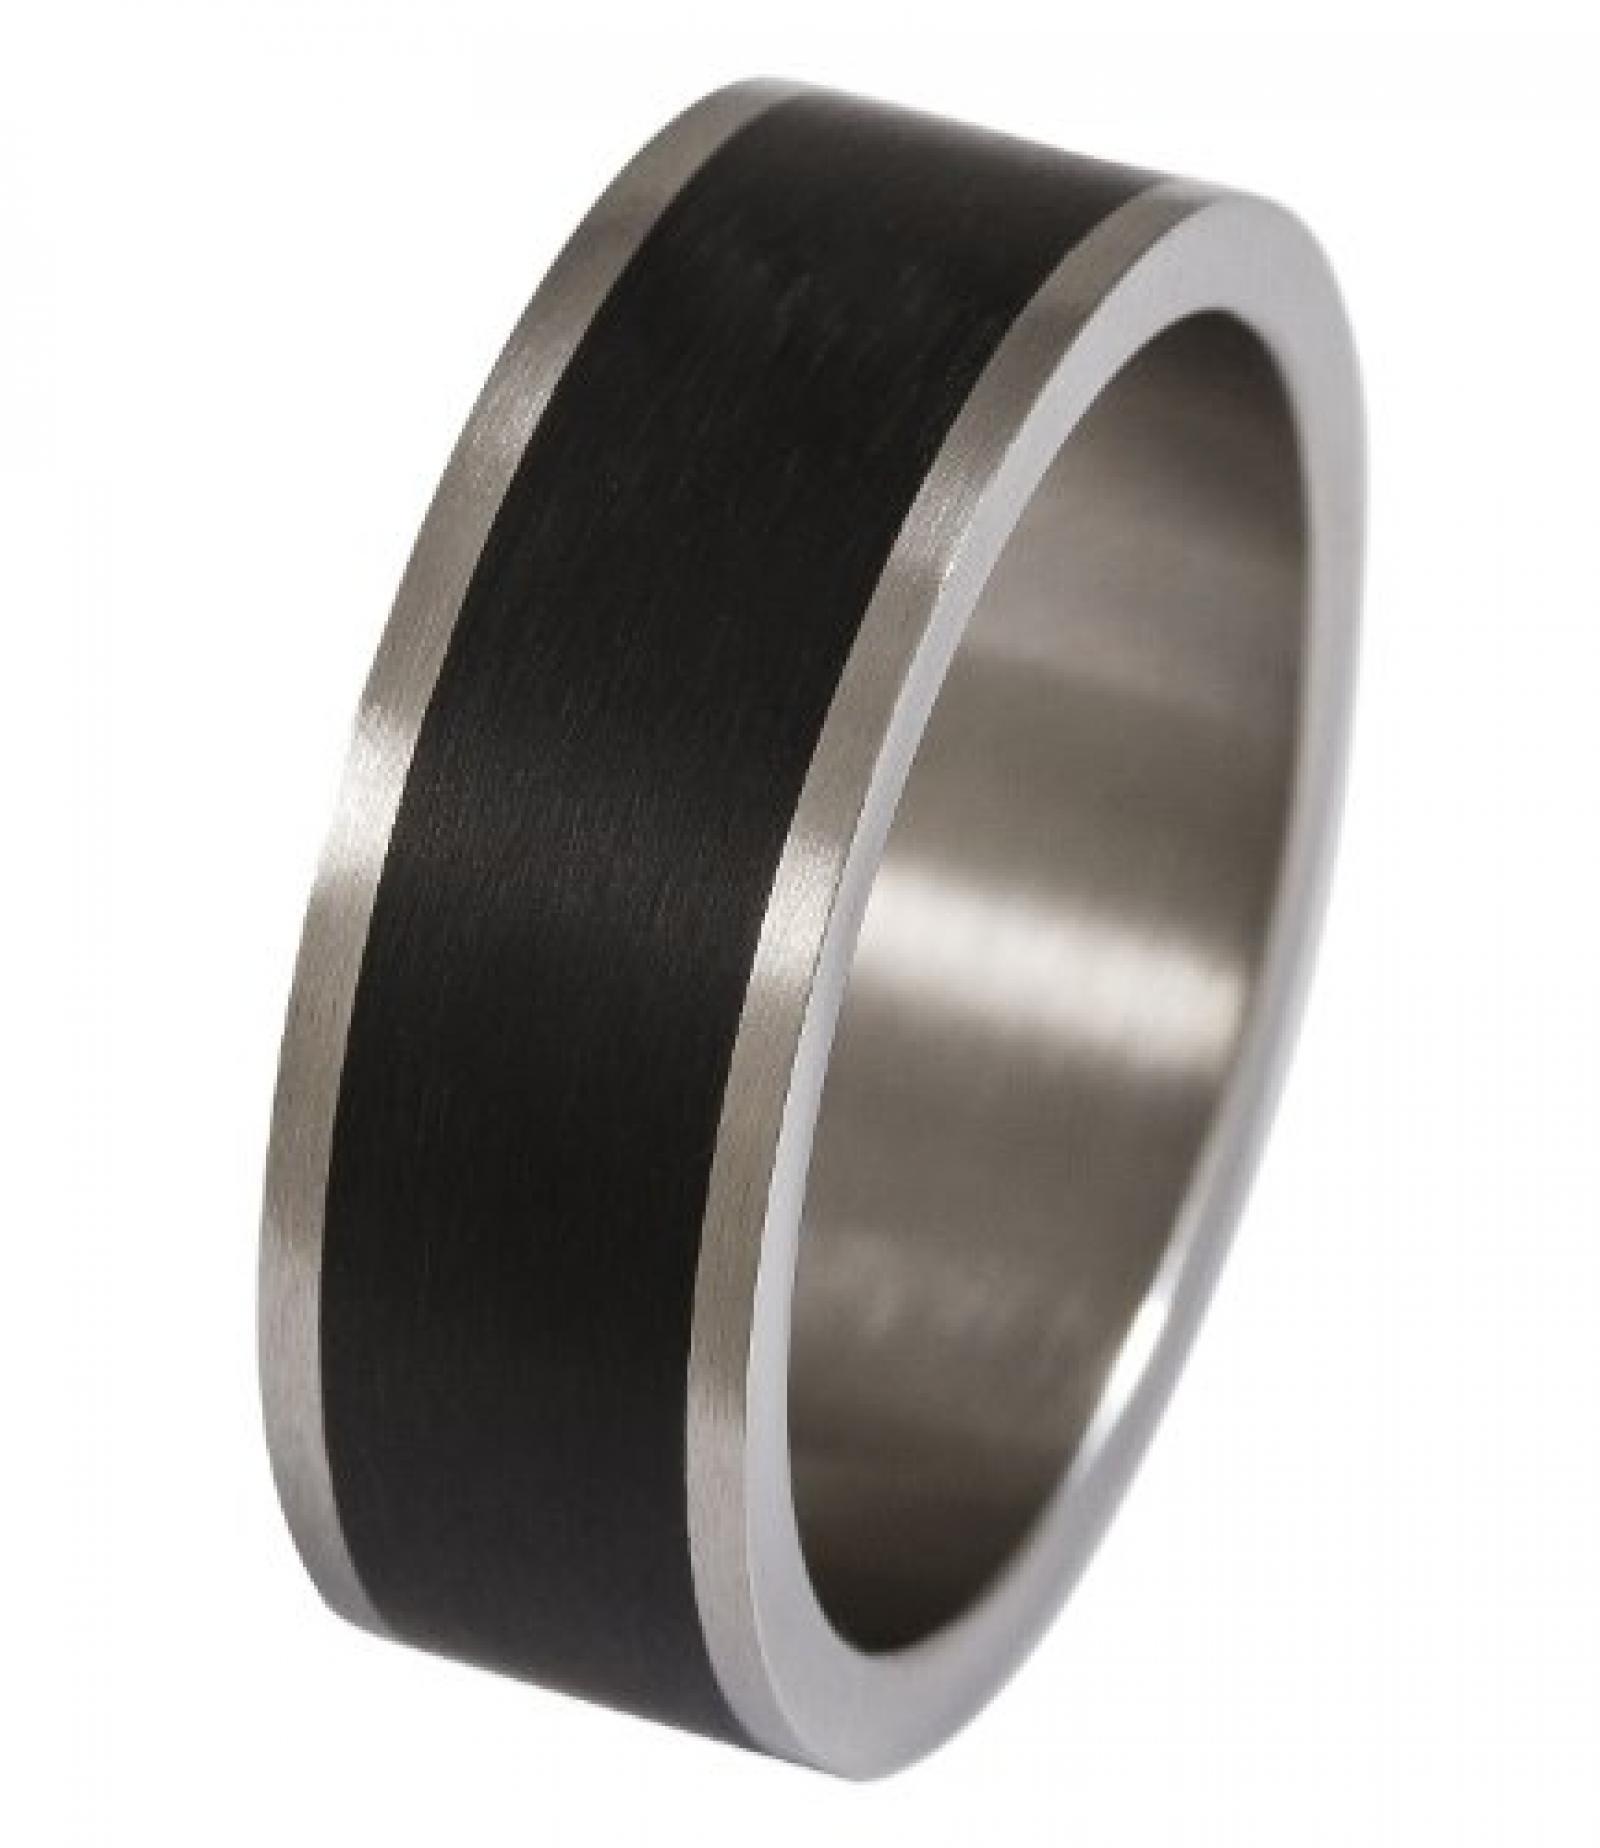 SIX MAN silberner Edelstahl-Ring in Gr.62 mit breitem, schwarzem Streifen (110-856 )